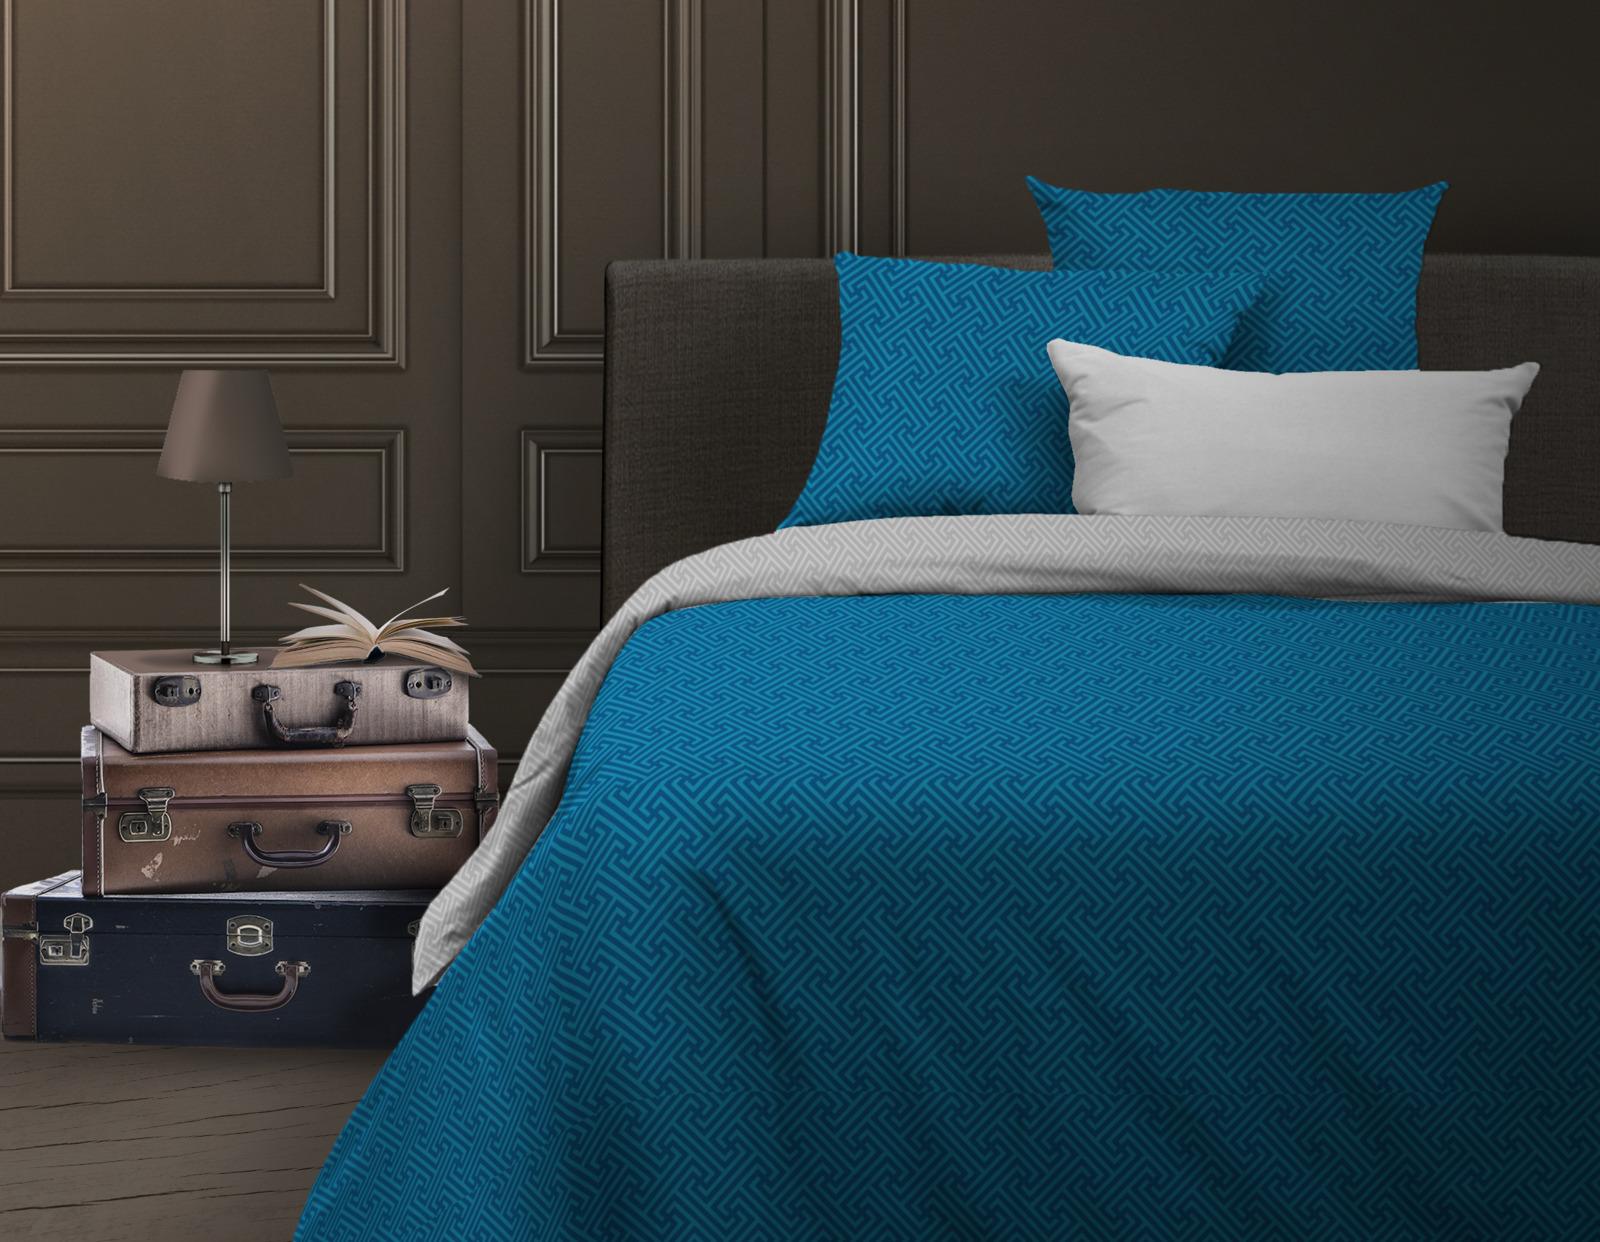 Комплект белья Wenge Silver azure, 513382, 2-спальный, наволочки 70х70 покрывало wenge watson sydney 180x210cm 504224